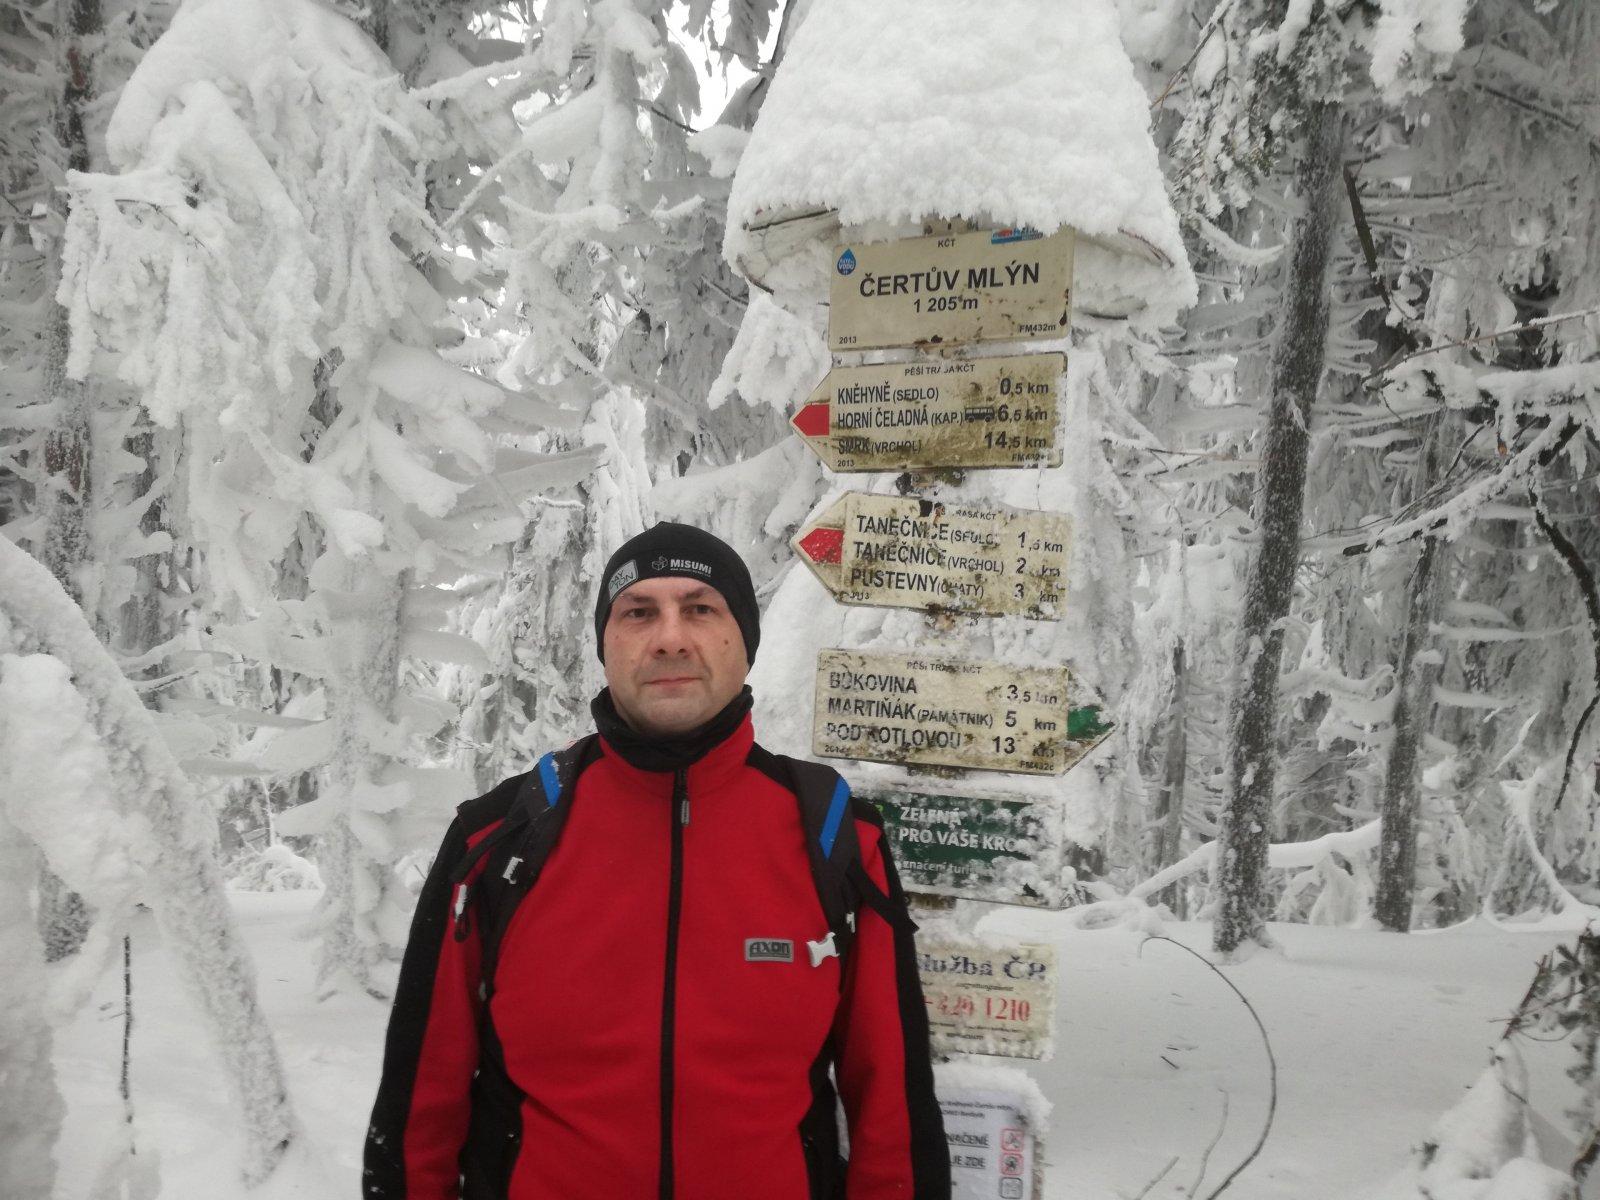 Jiří P na vrcholu Čertův mlýn (1.2.2019 16:07)